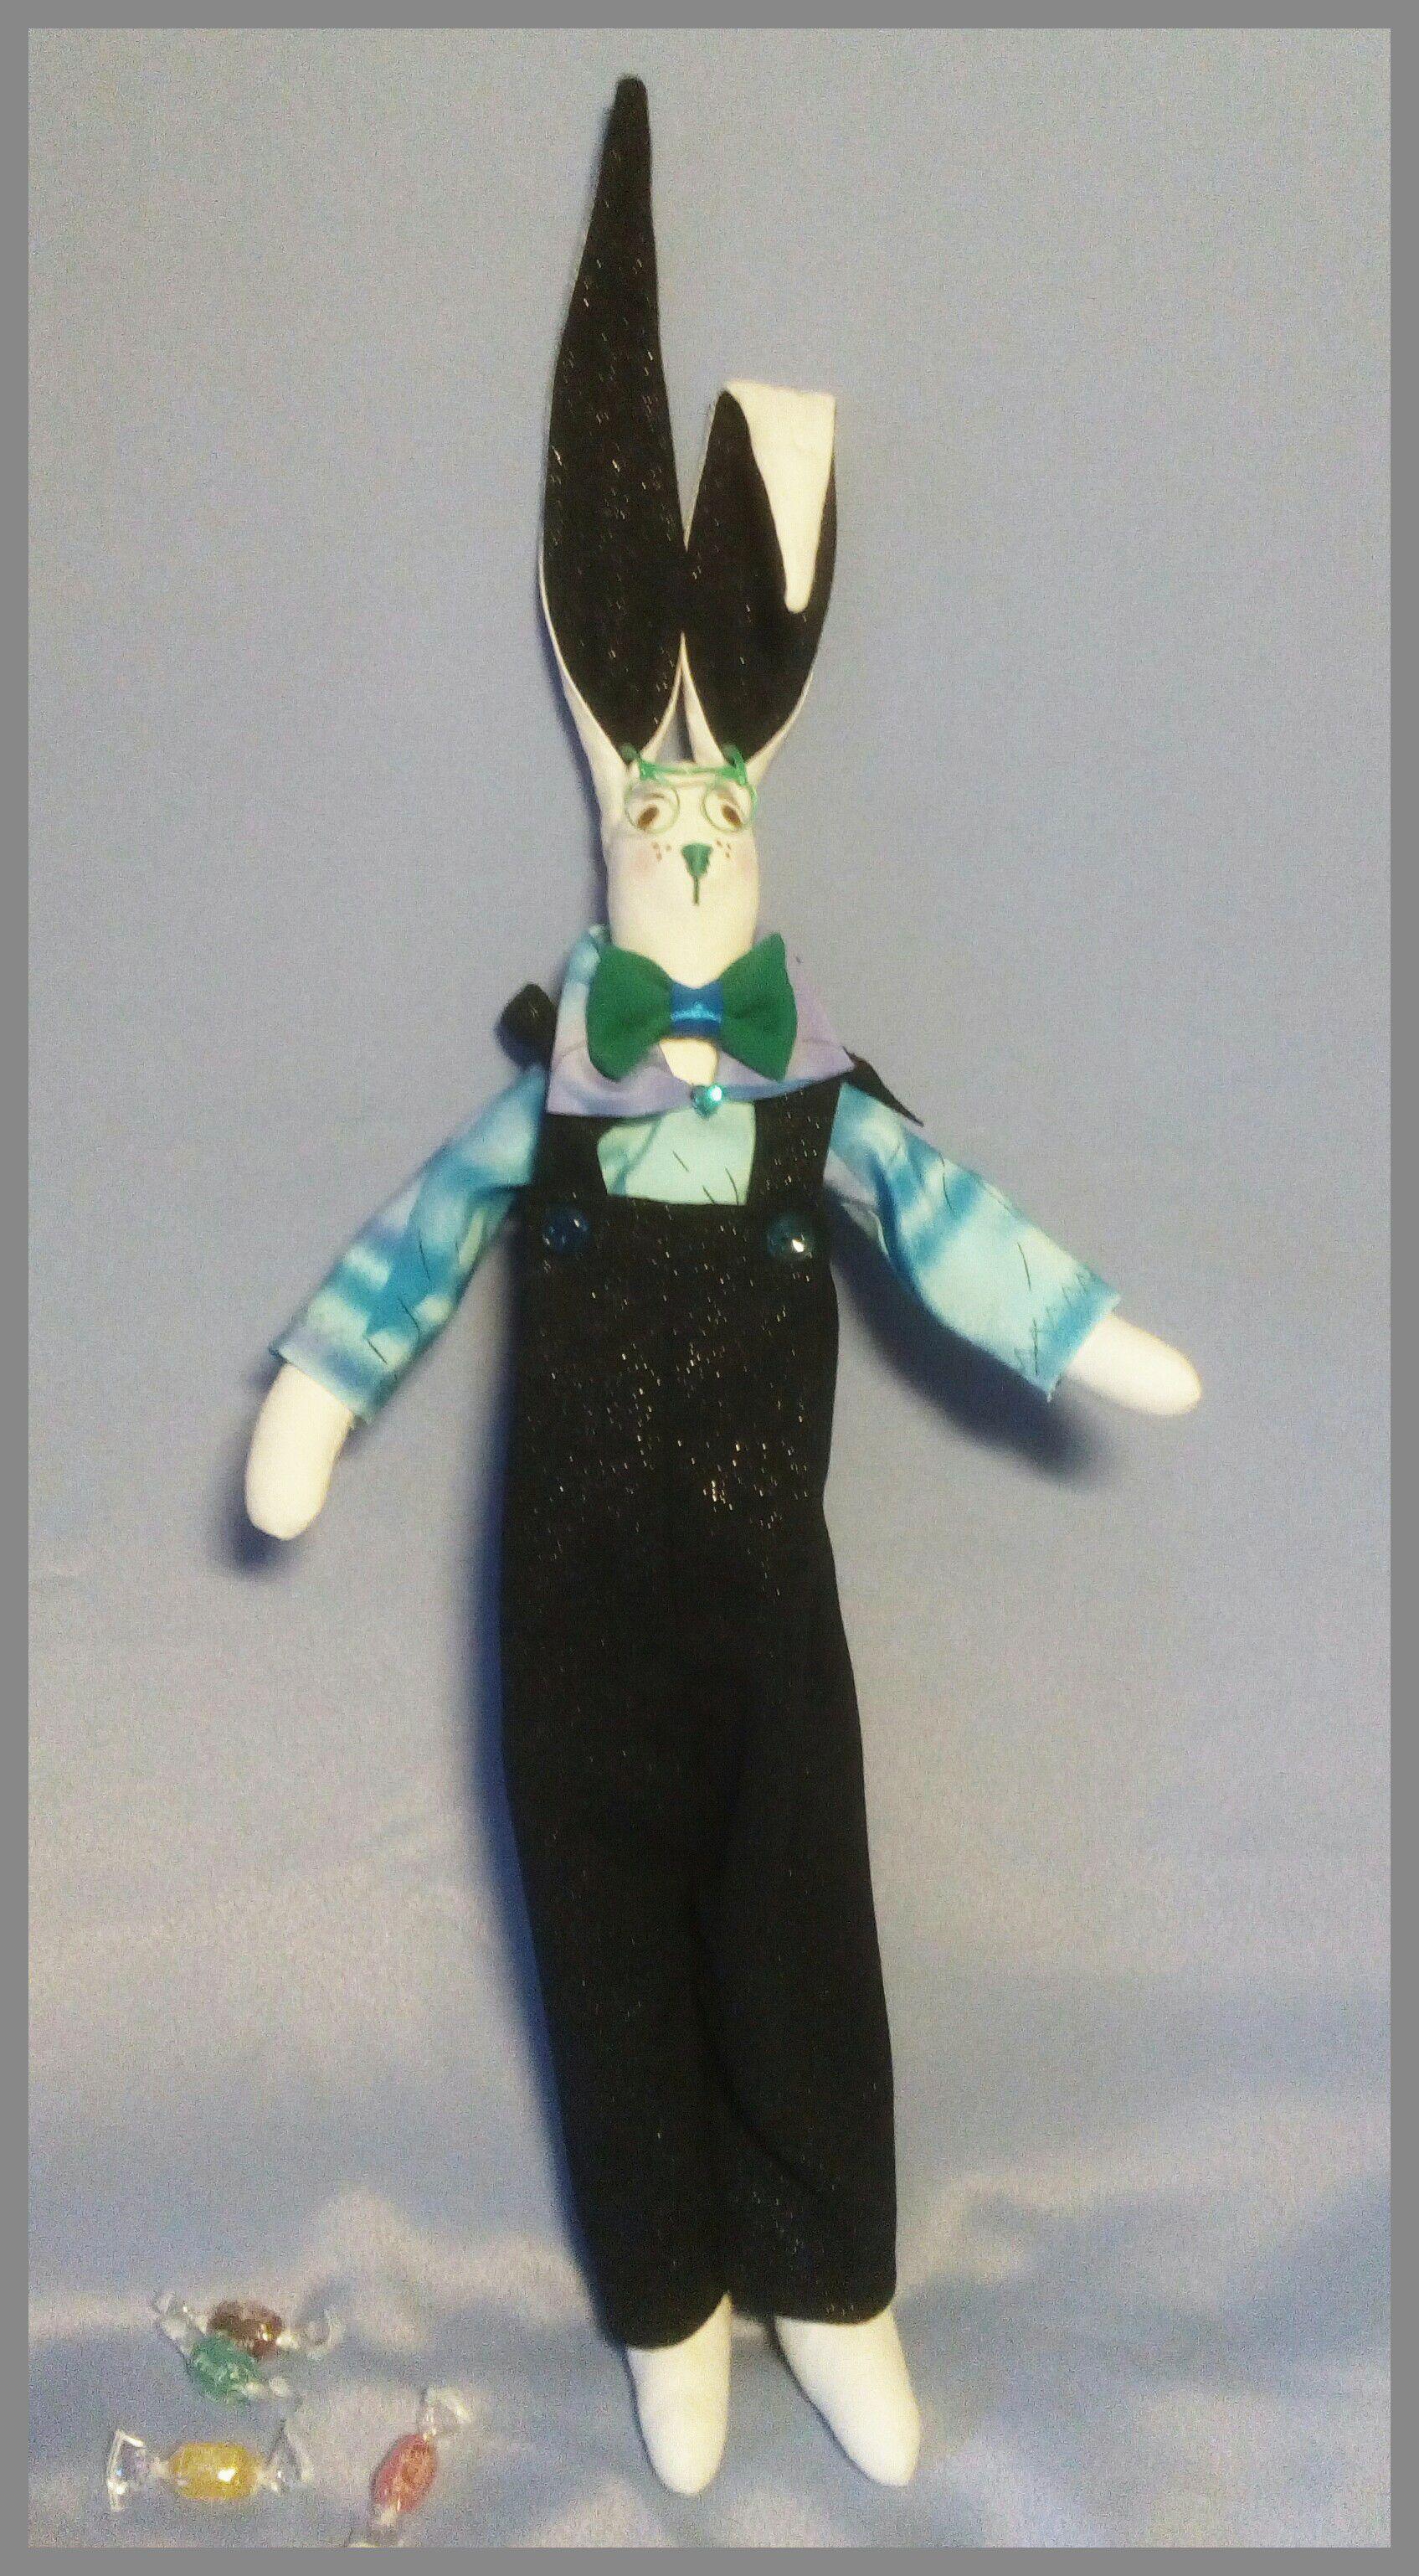 рукоделие подарок многозаек кукла игрушка интерьерная